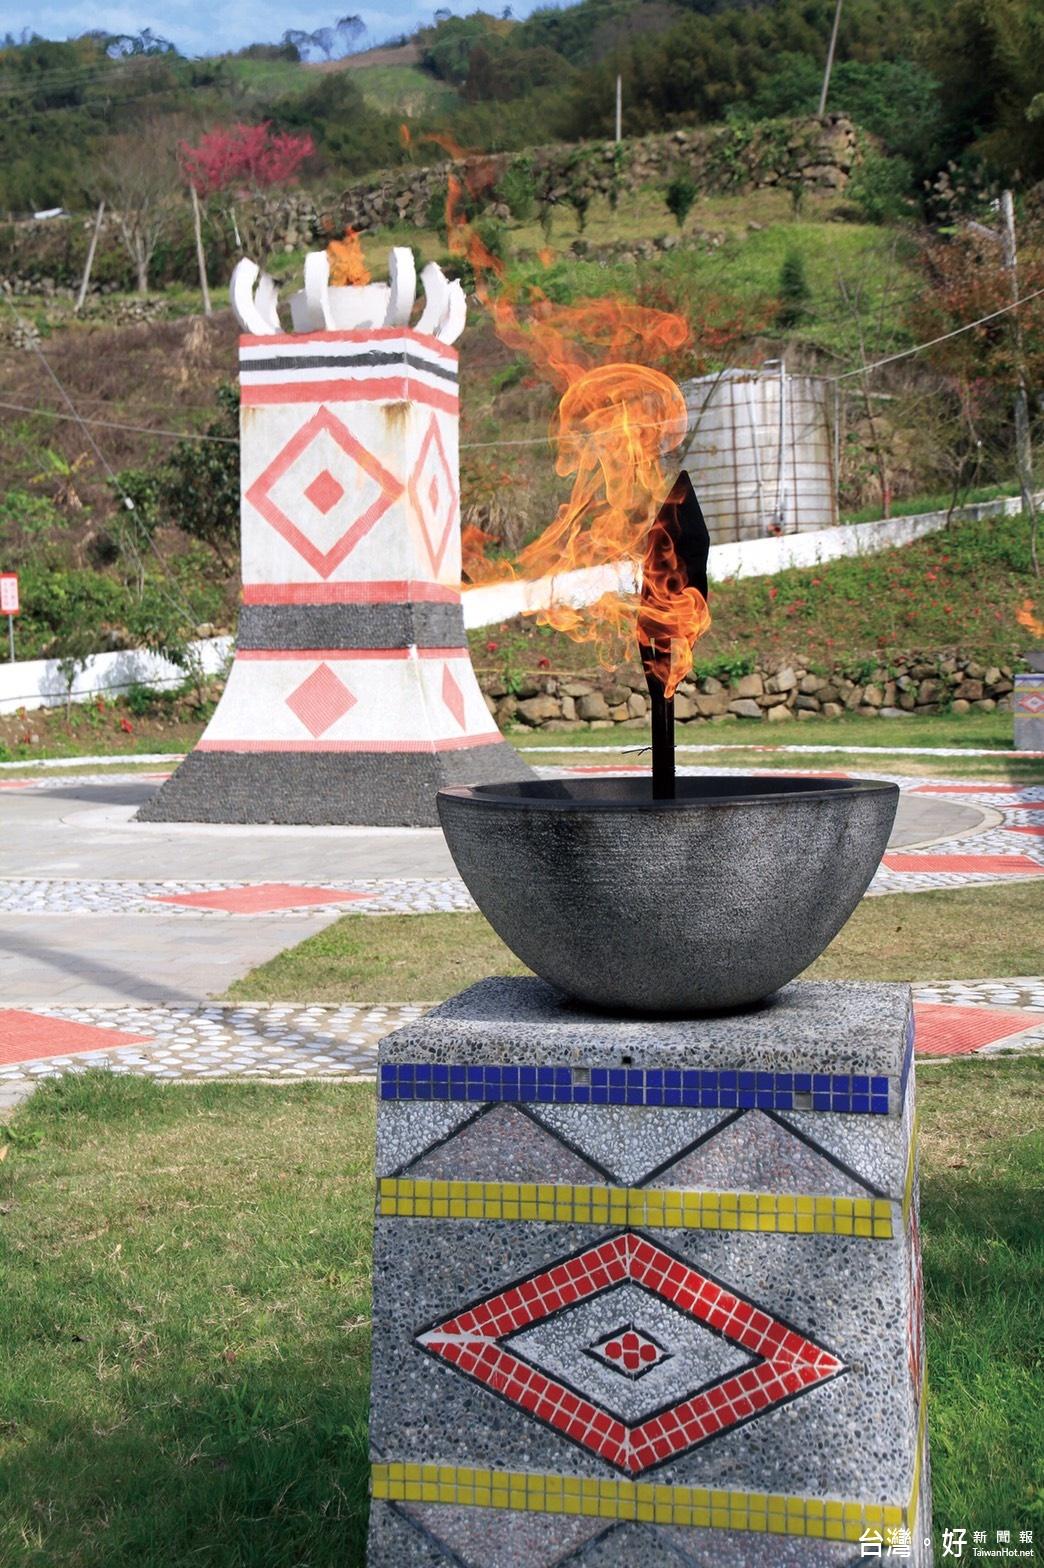 融入當地原民特色 泰安鄉出火社區改善工程獲評佳作